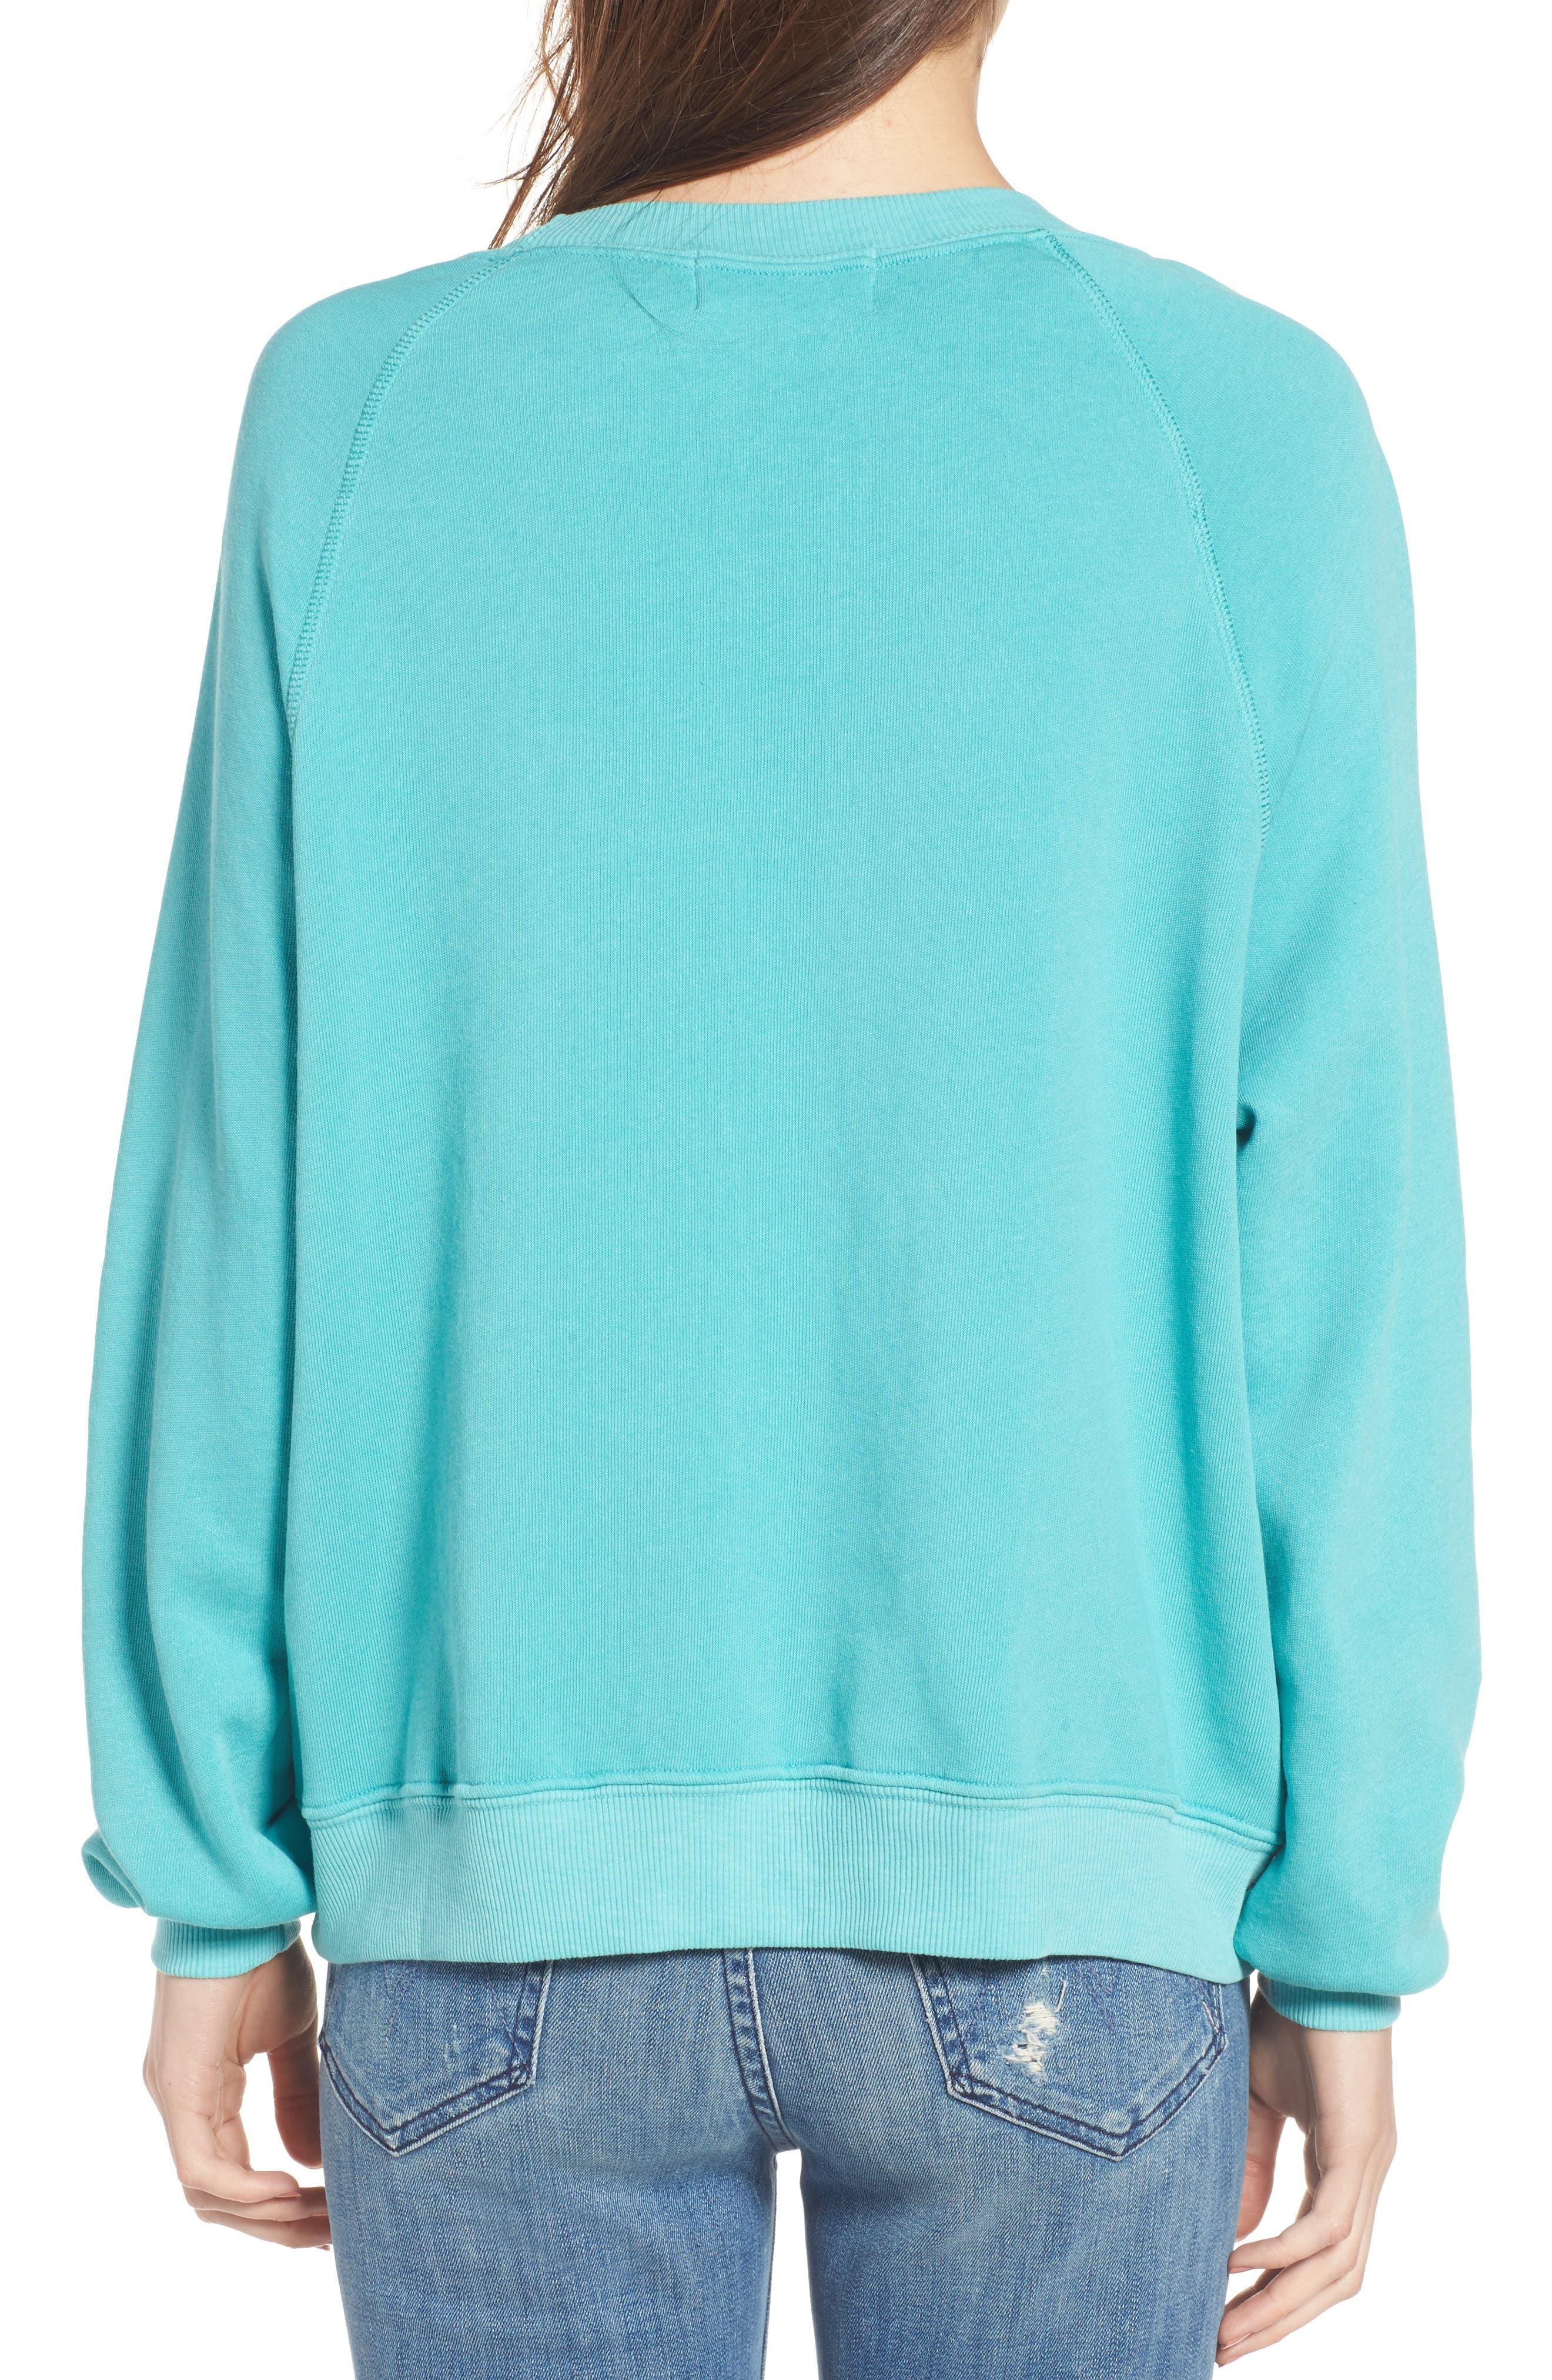 Heirlooms Sommers Sweatshirt,                             Alternate thumbnail 2, color,                             440